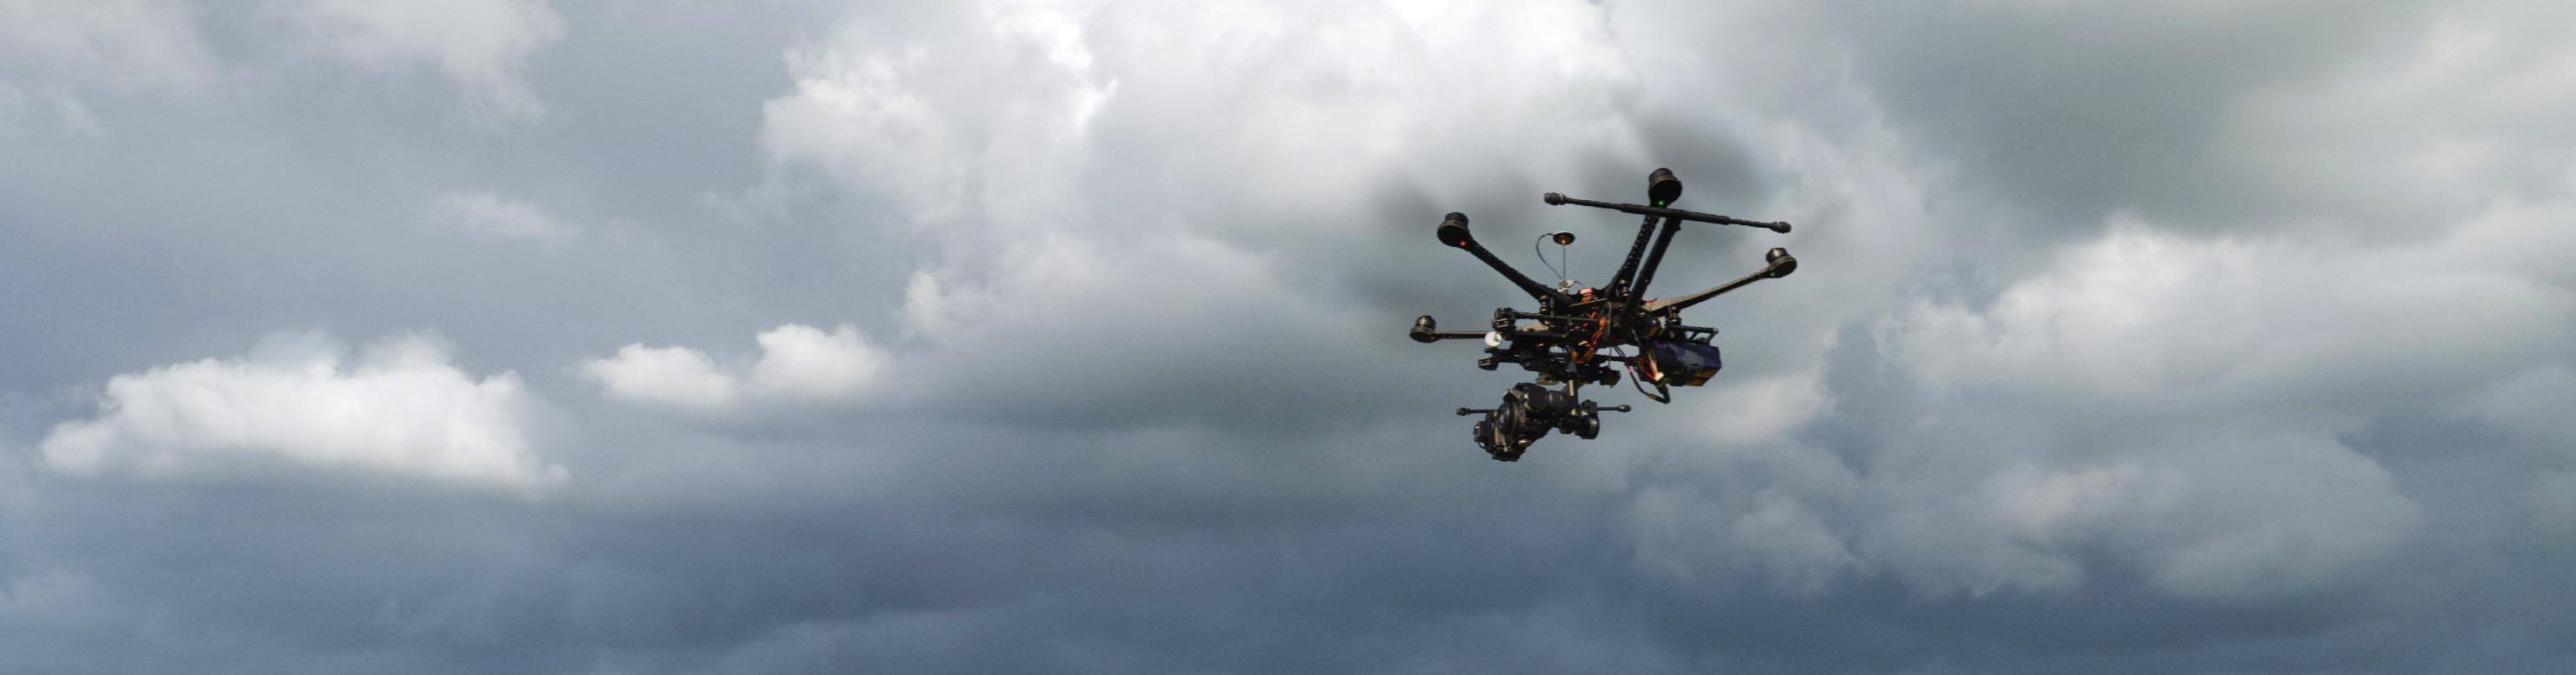 drone2-e1381238650328